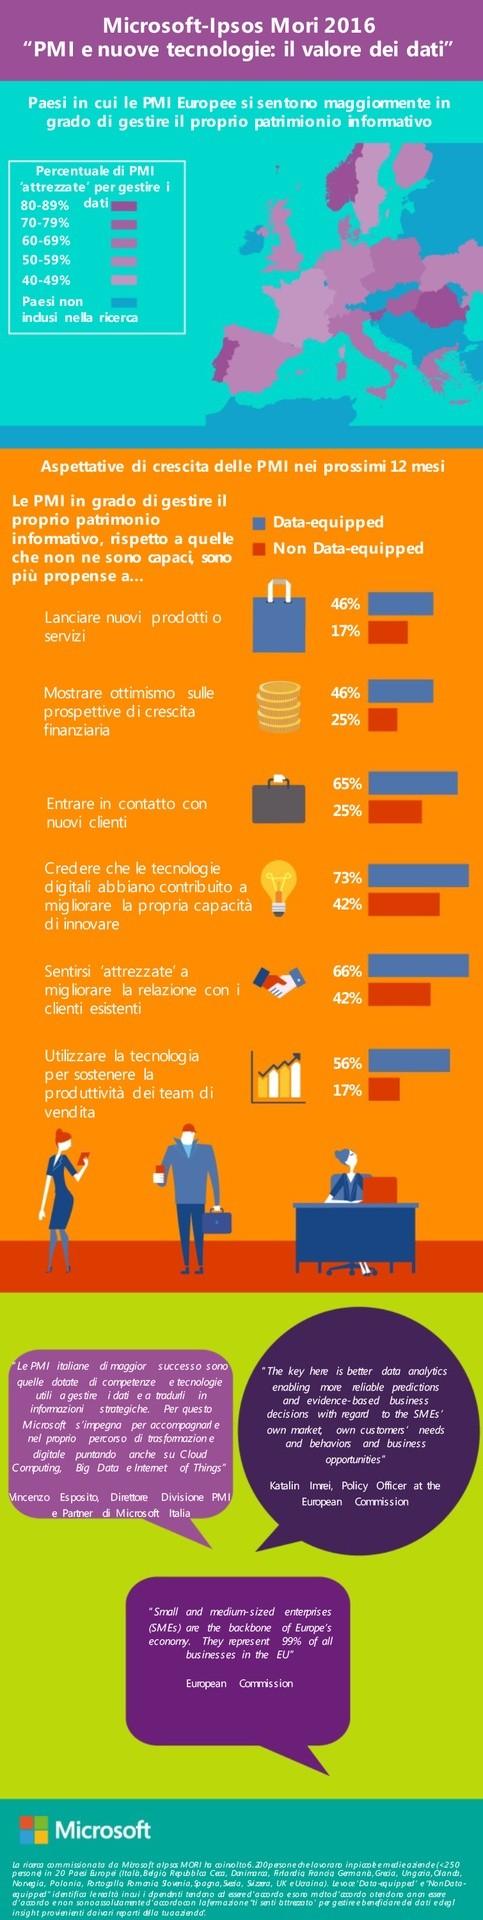 Infografica_Ricerca Microsoft-Ipsos Mori 2016_PMI e nuove tecnol